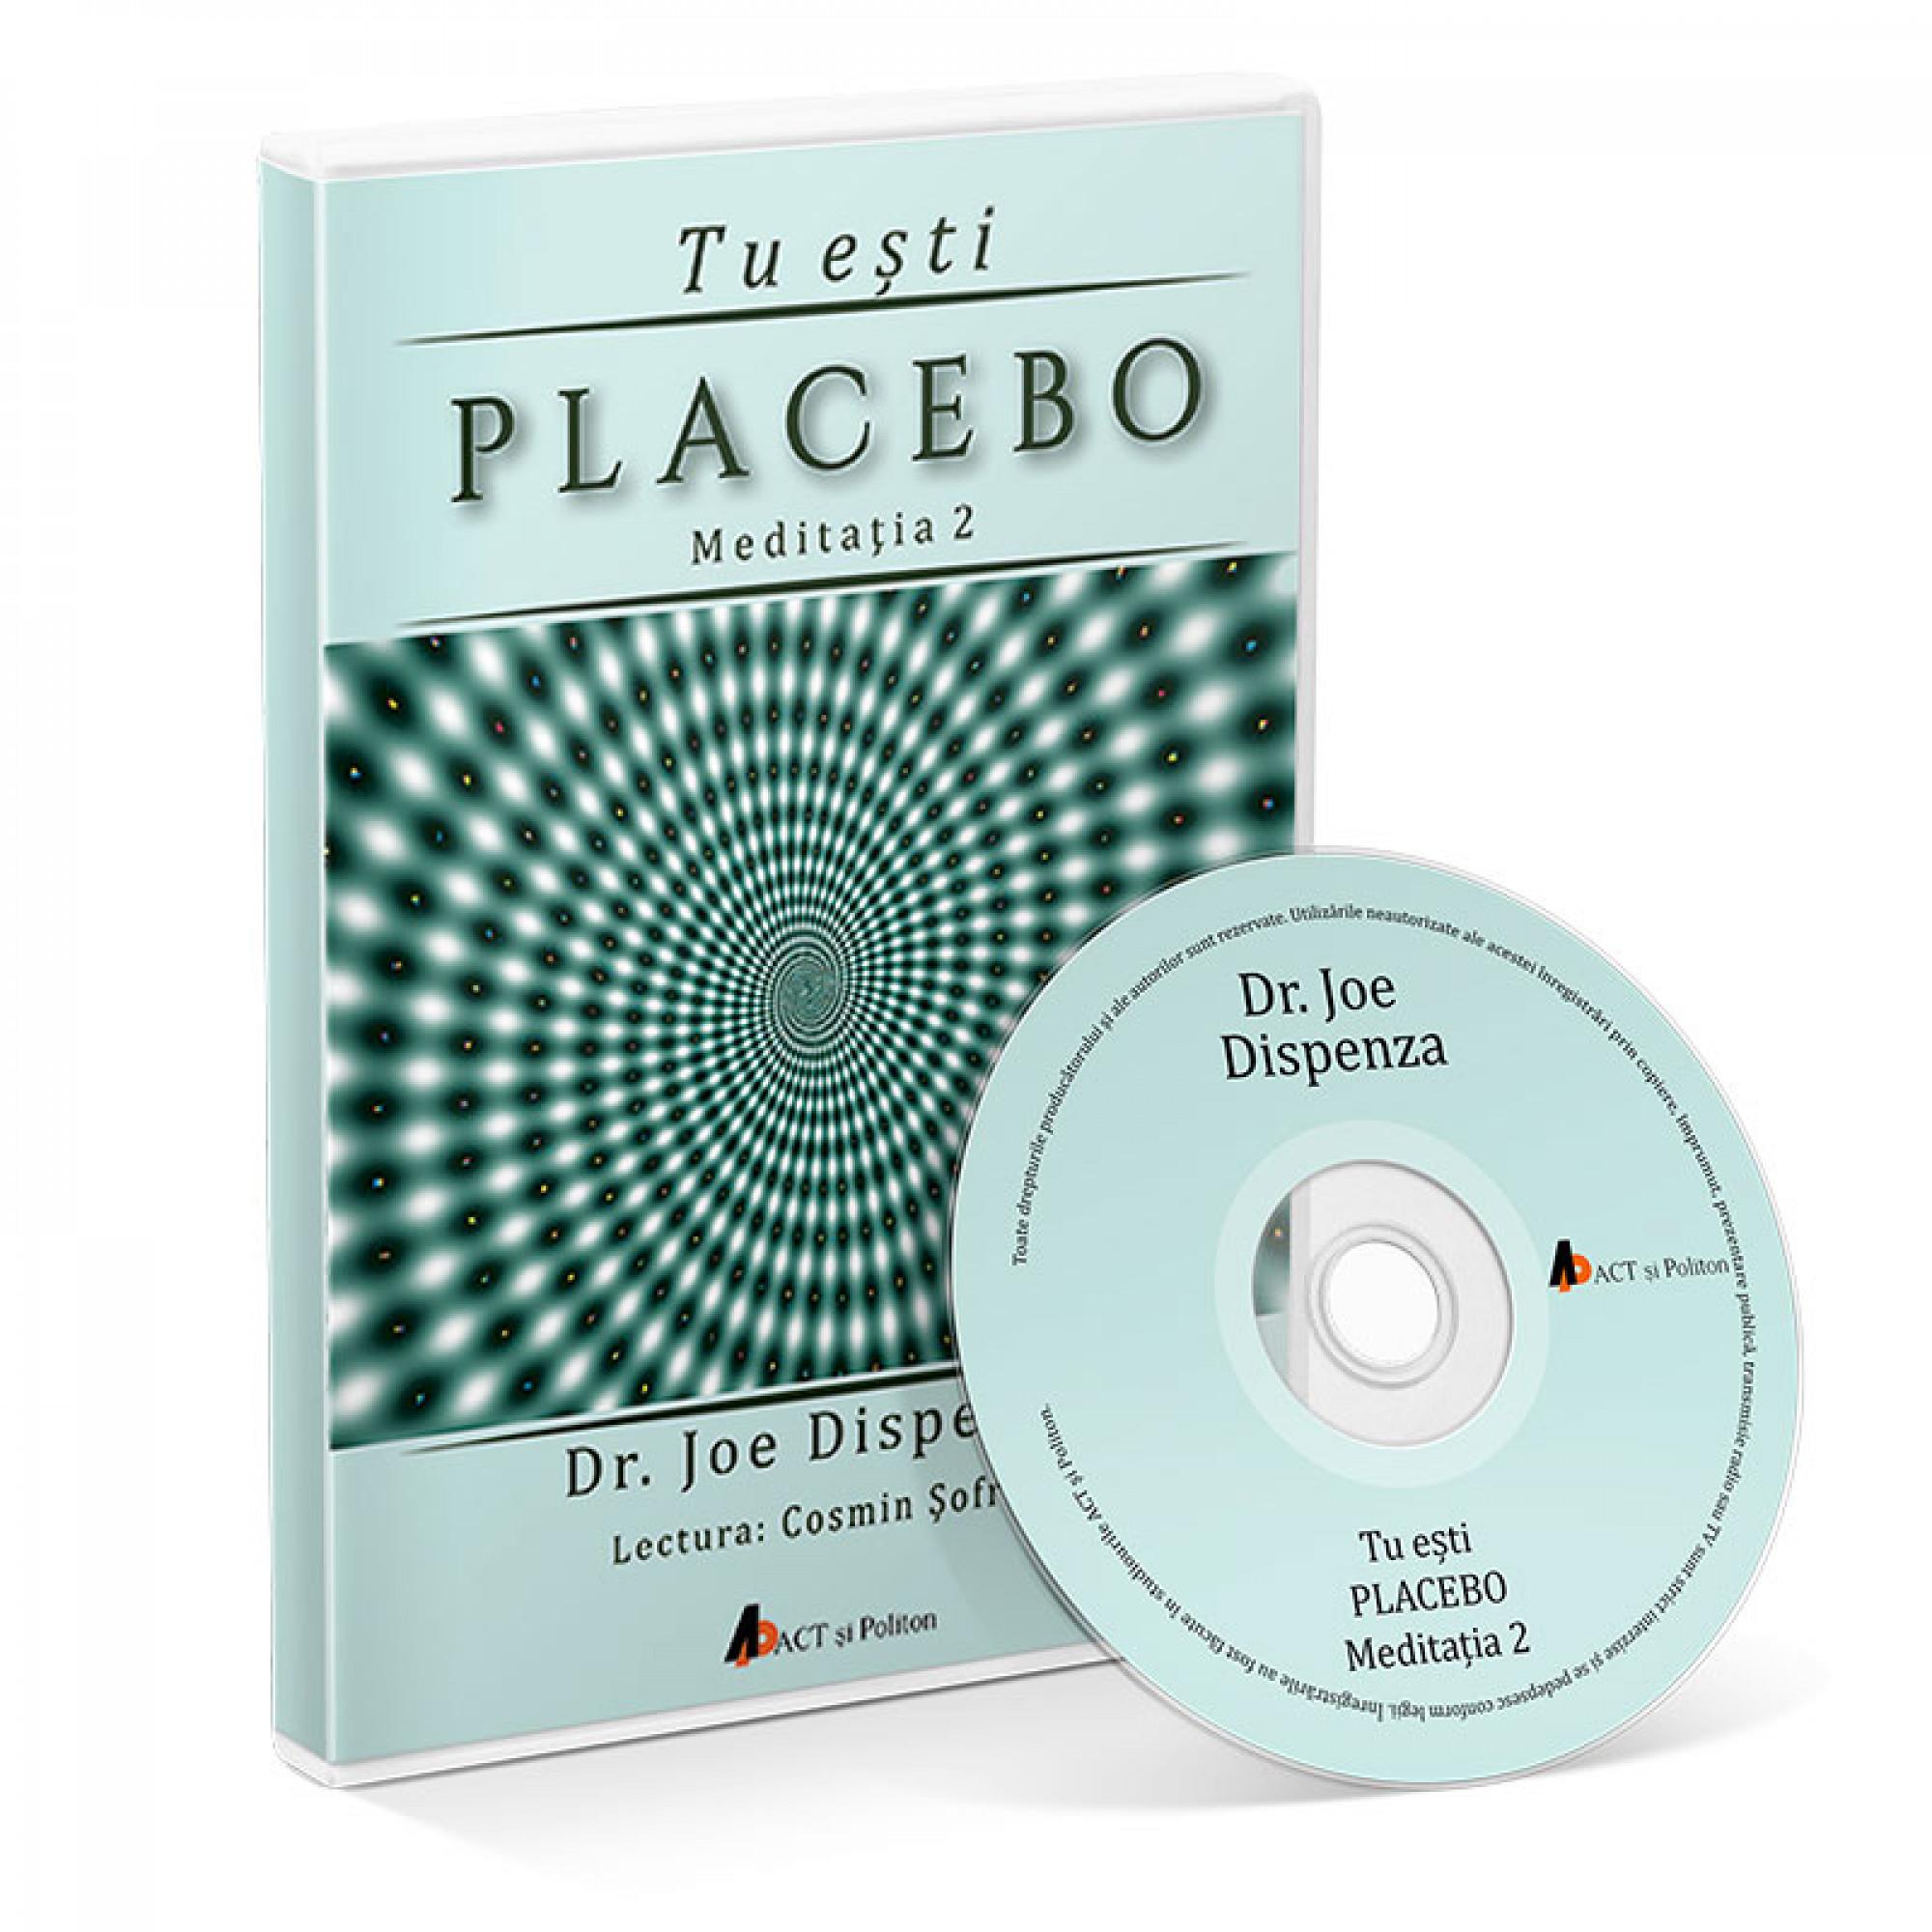 Tu eşti Placebo; Dr. Joe Dispenza; Meditaţia 2 - Cum să schimbi o credinţă şi o percepţie